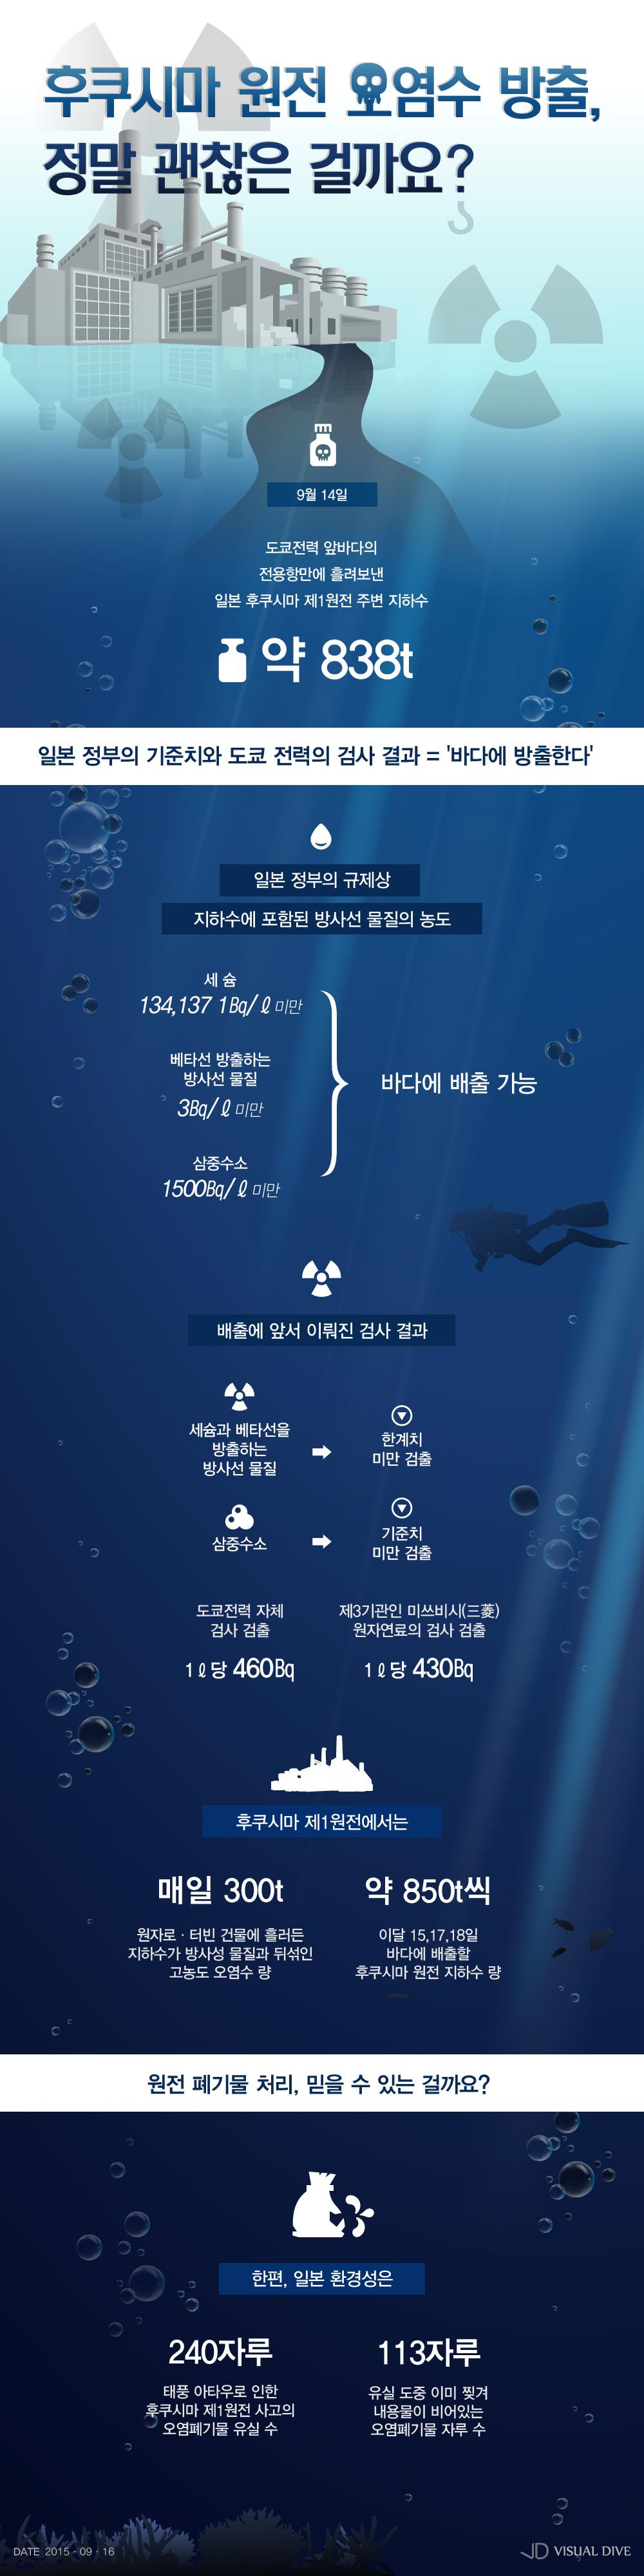 후쿠시마 원전 오염수 방출…방사선 물질·삼중 수소 기준치 미만? [인포그래픽] #Contaminated_water / #Infographic ⓒ 비주얼다이브 무단 복사·전재·재배포 금지